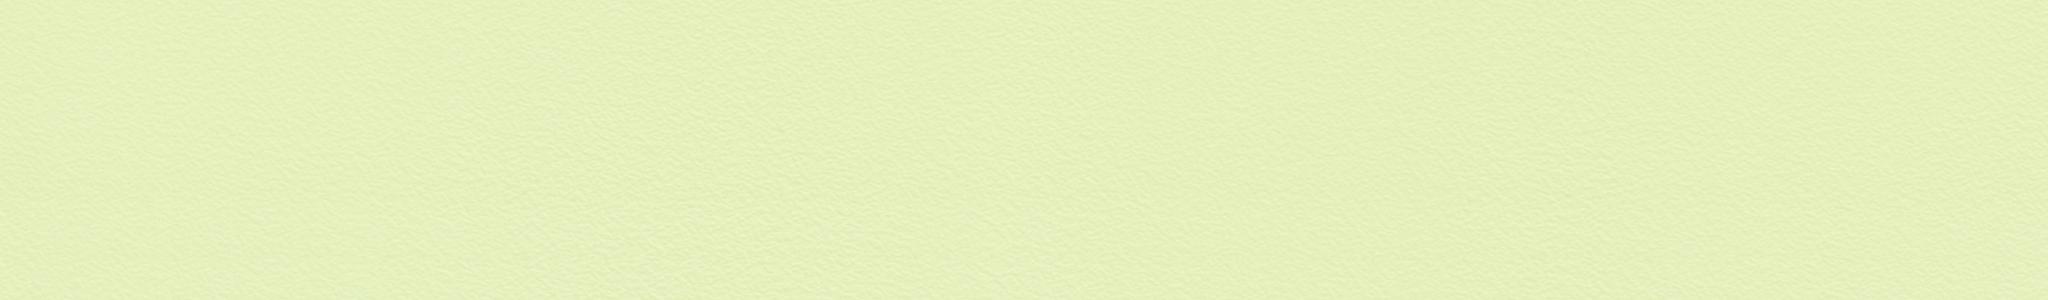 HU 169506 ABS hrana zelená lilie perla XG